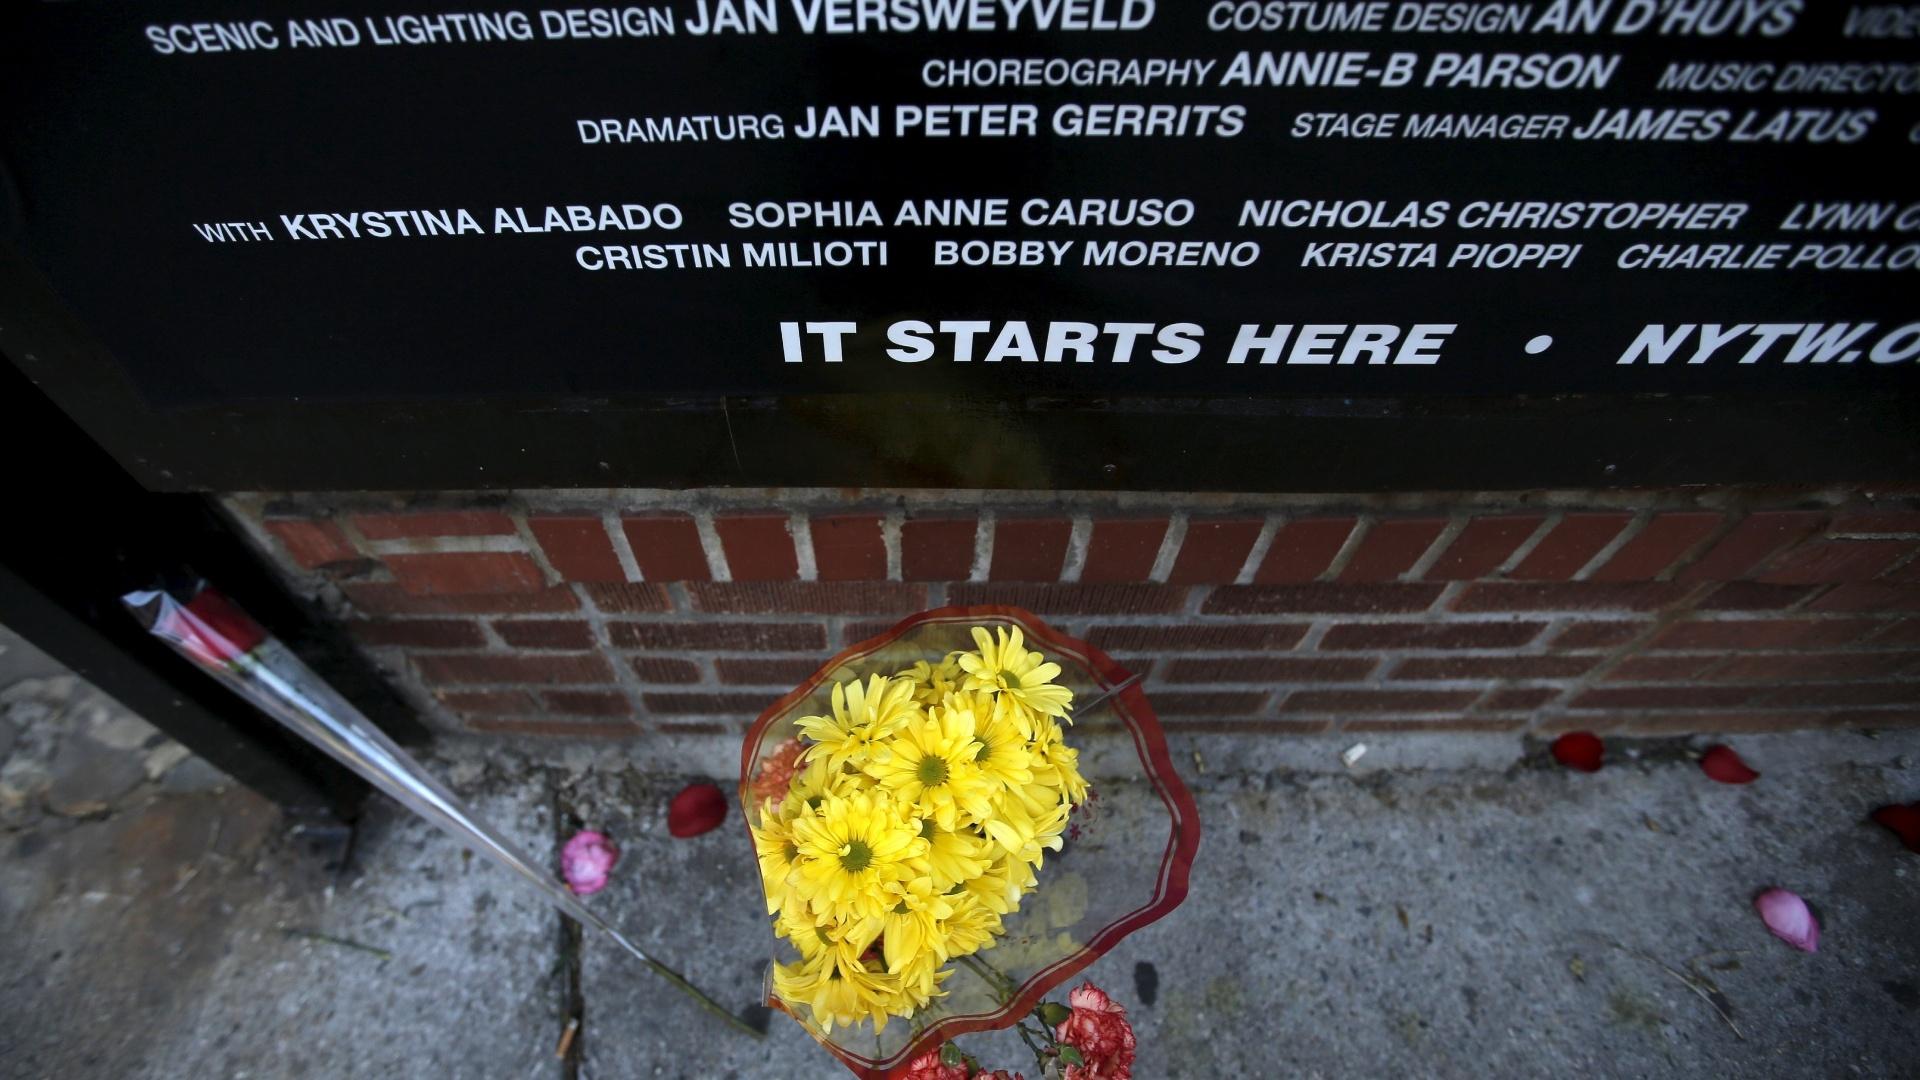 11.jan.2016 - Um buquê de flores é deixado por um fã de David Bowie debaixo da maquise de um teatro em Nova York onde estreou o musica